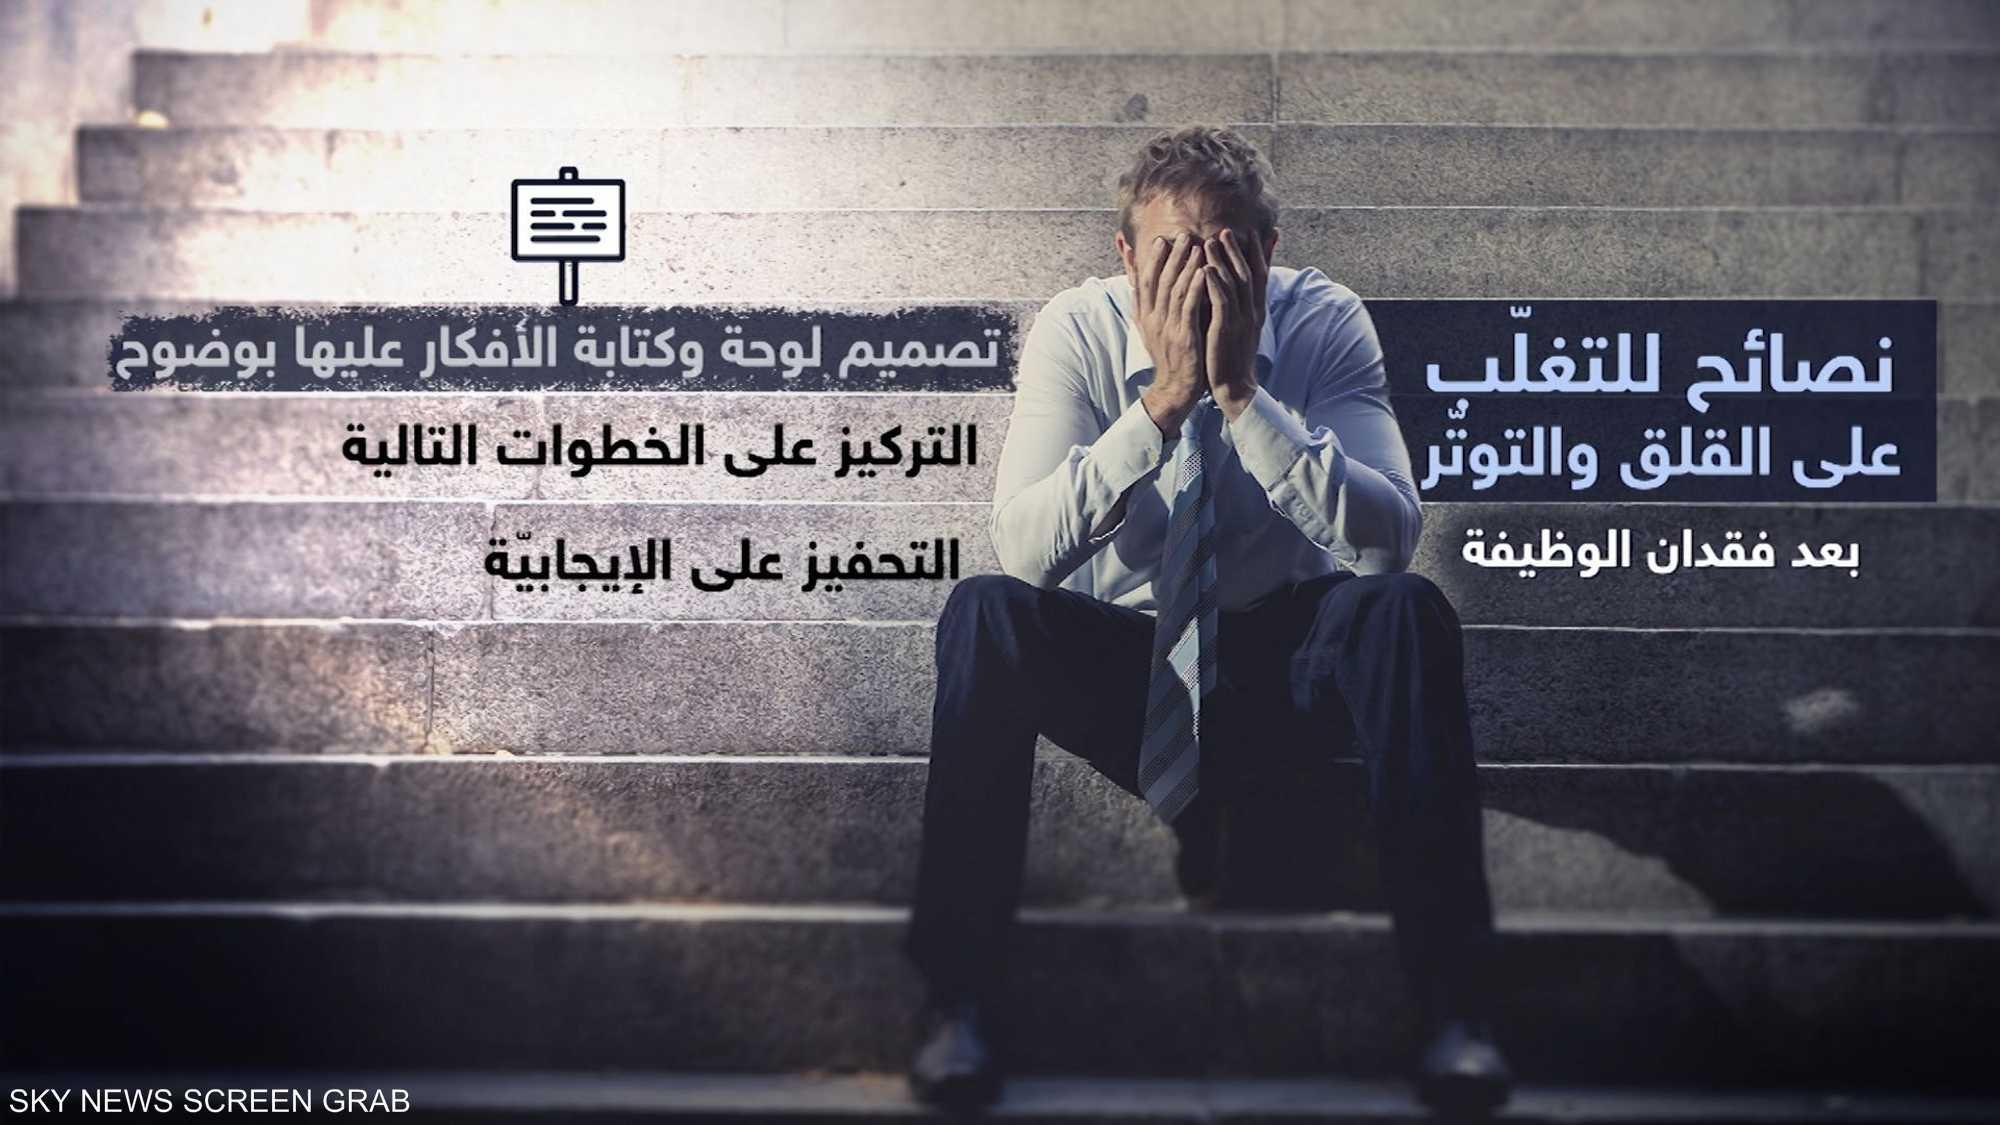 نصائح للتغلب على القلق والتوتر بعد فقدان الوظيفة